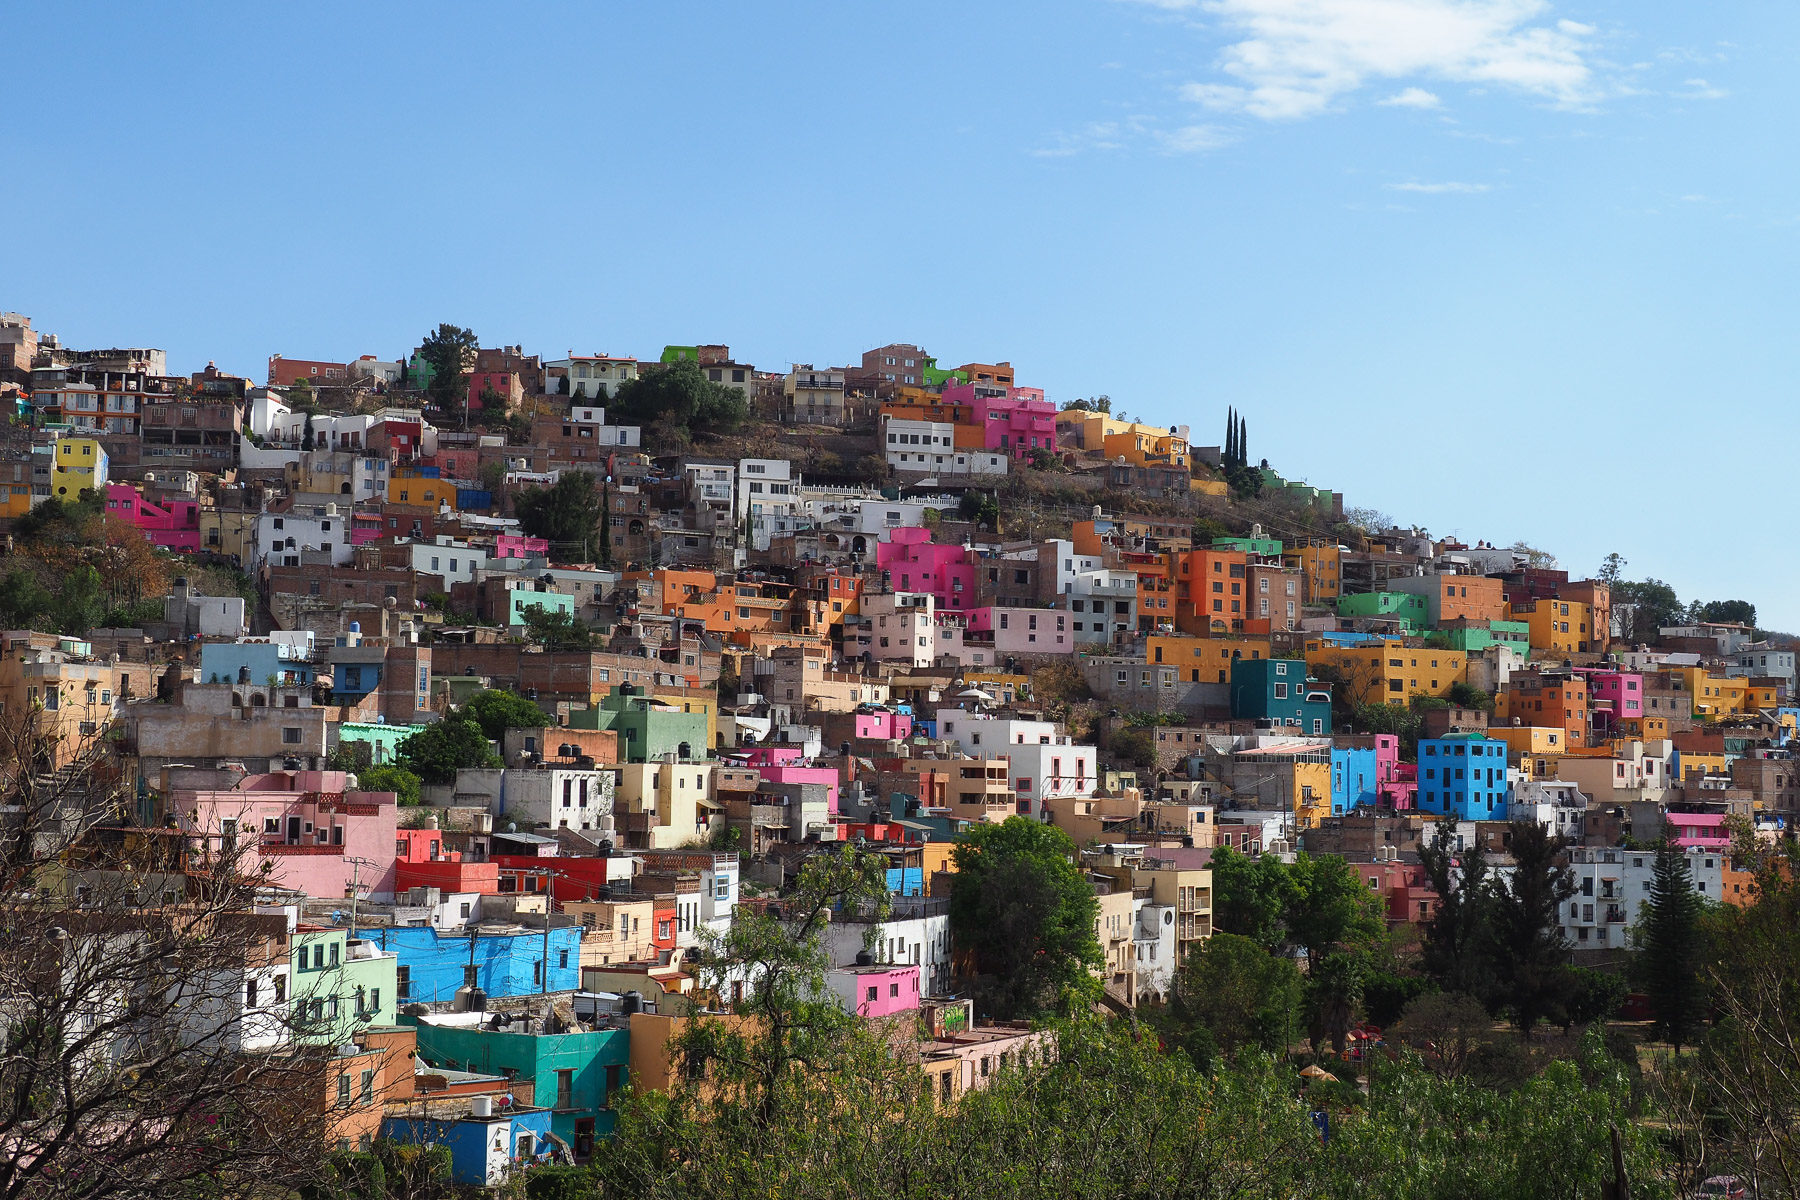 Über viele Hügel erstreckt sich Guanajuato